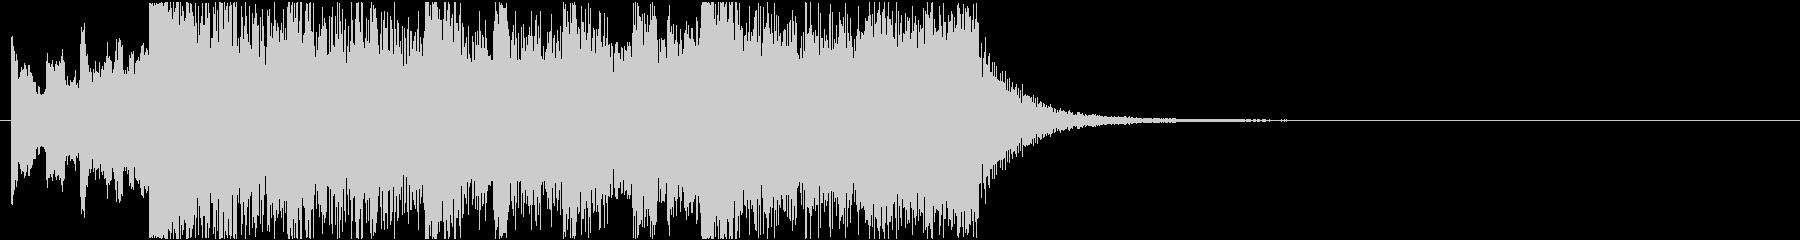 ニュースOP2 24bit44kHzの未再生の波形